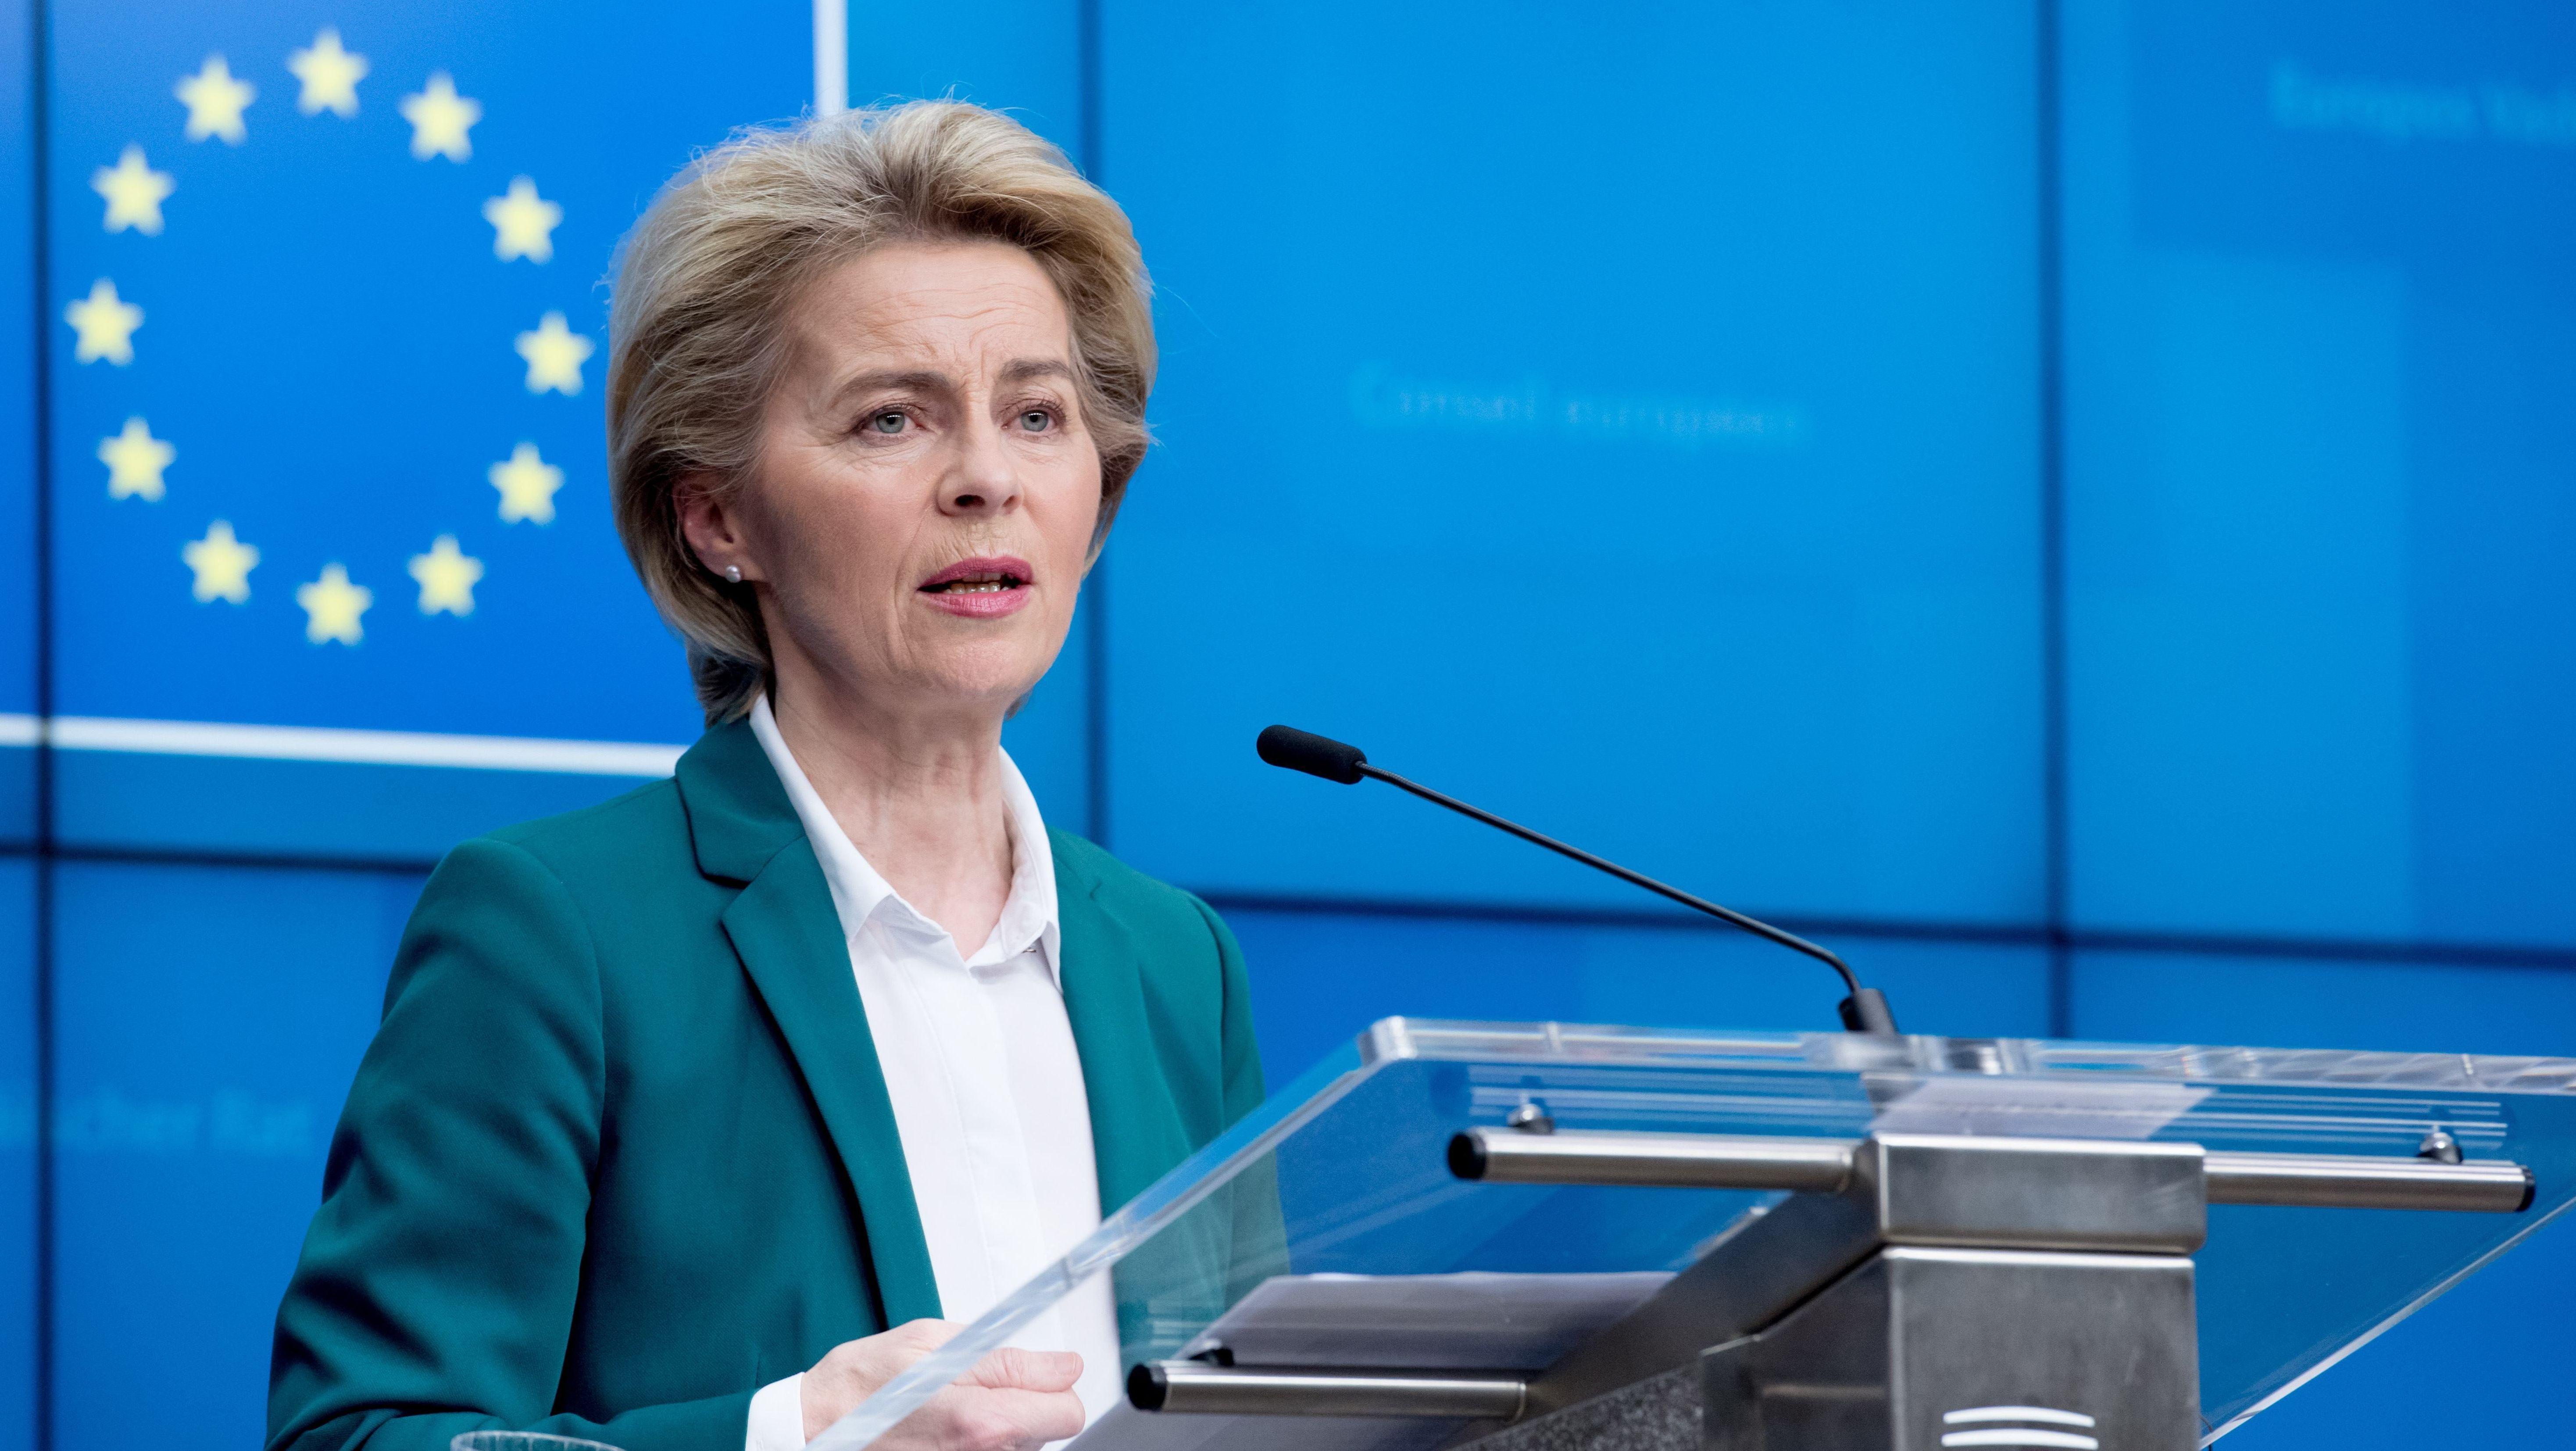 Angesichts der Corona-Krise hat EU-Kommissionschefin von der Leyen vorgeschlagen, den Budgetplan der Europäischen Union zu ändern.